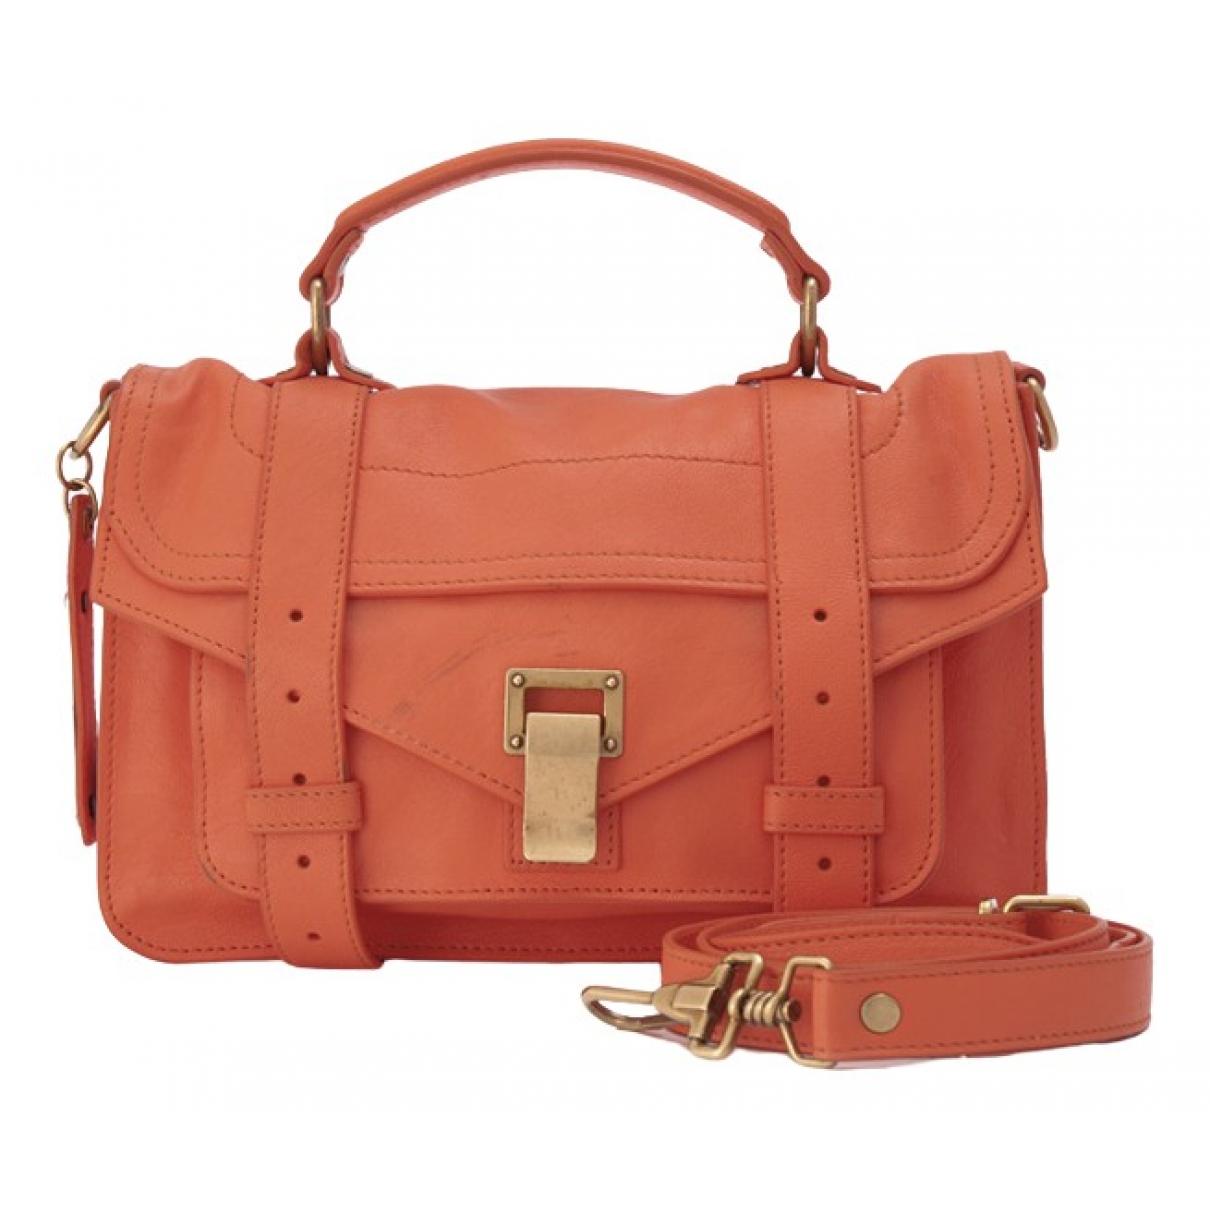 Proenza Schouler PS1 Orange Leather handbag for Women \N